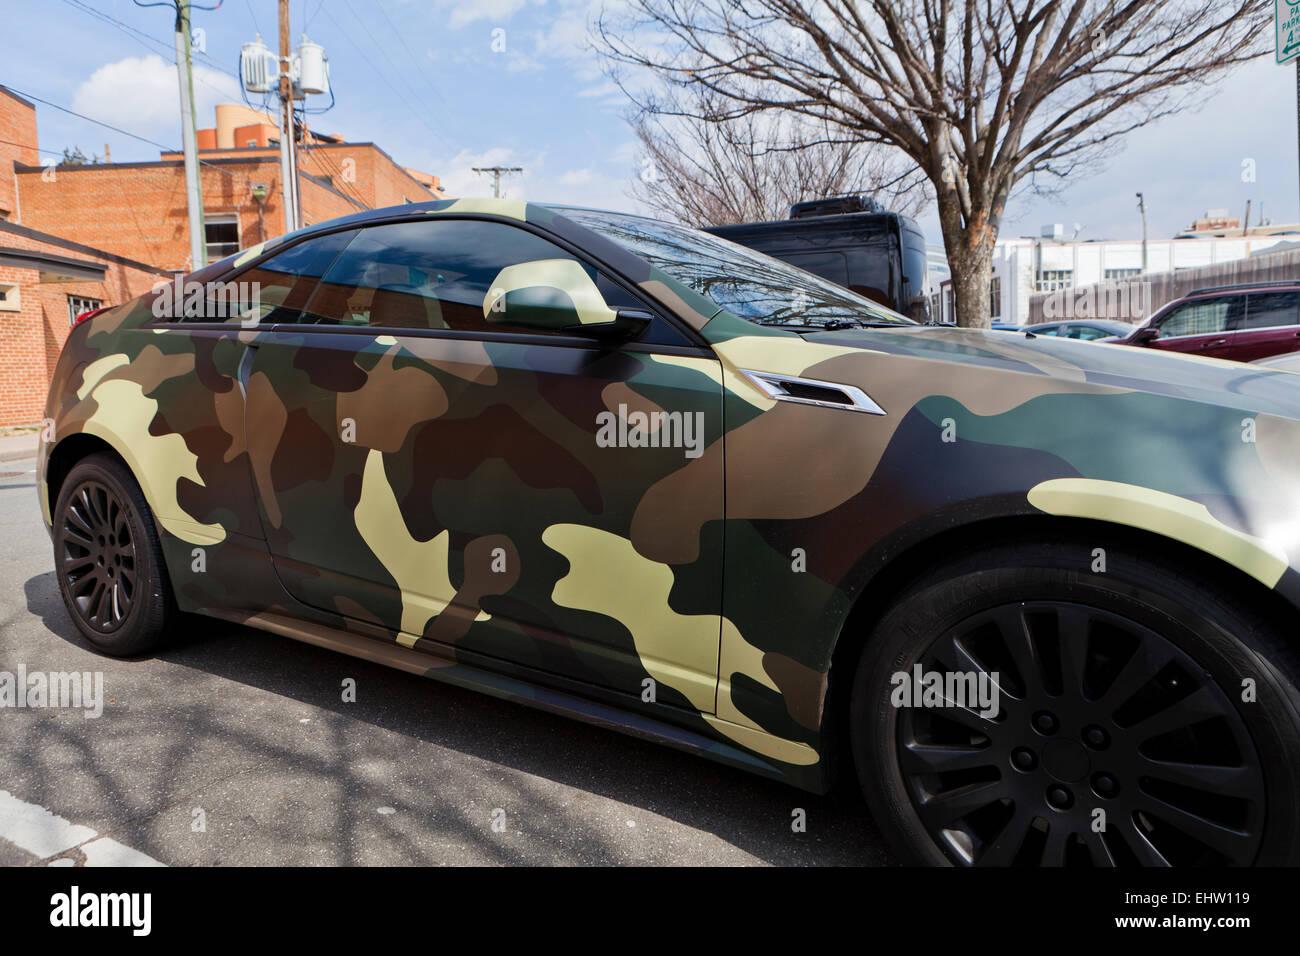 Auto con militari pattern camouflage wrap - USA Immagini Stock